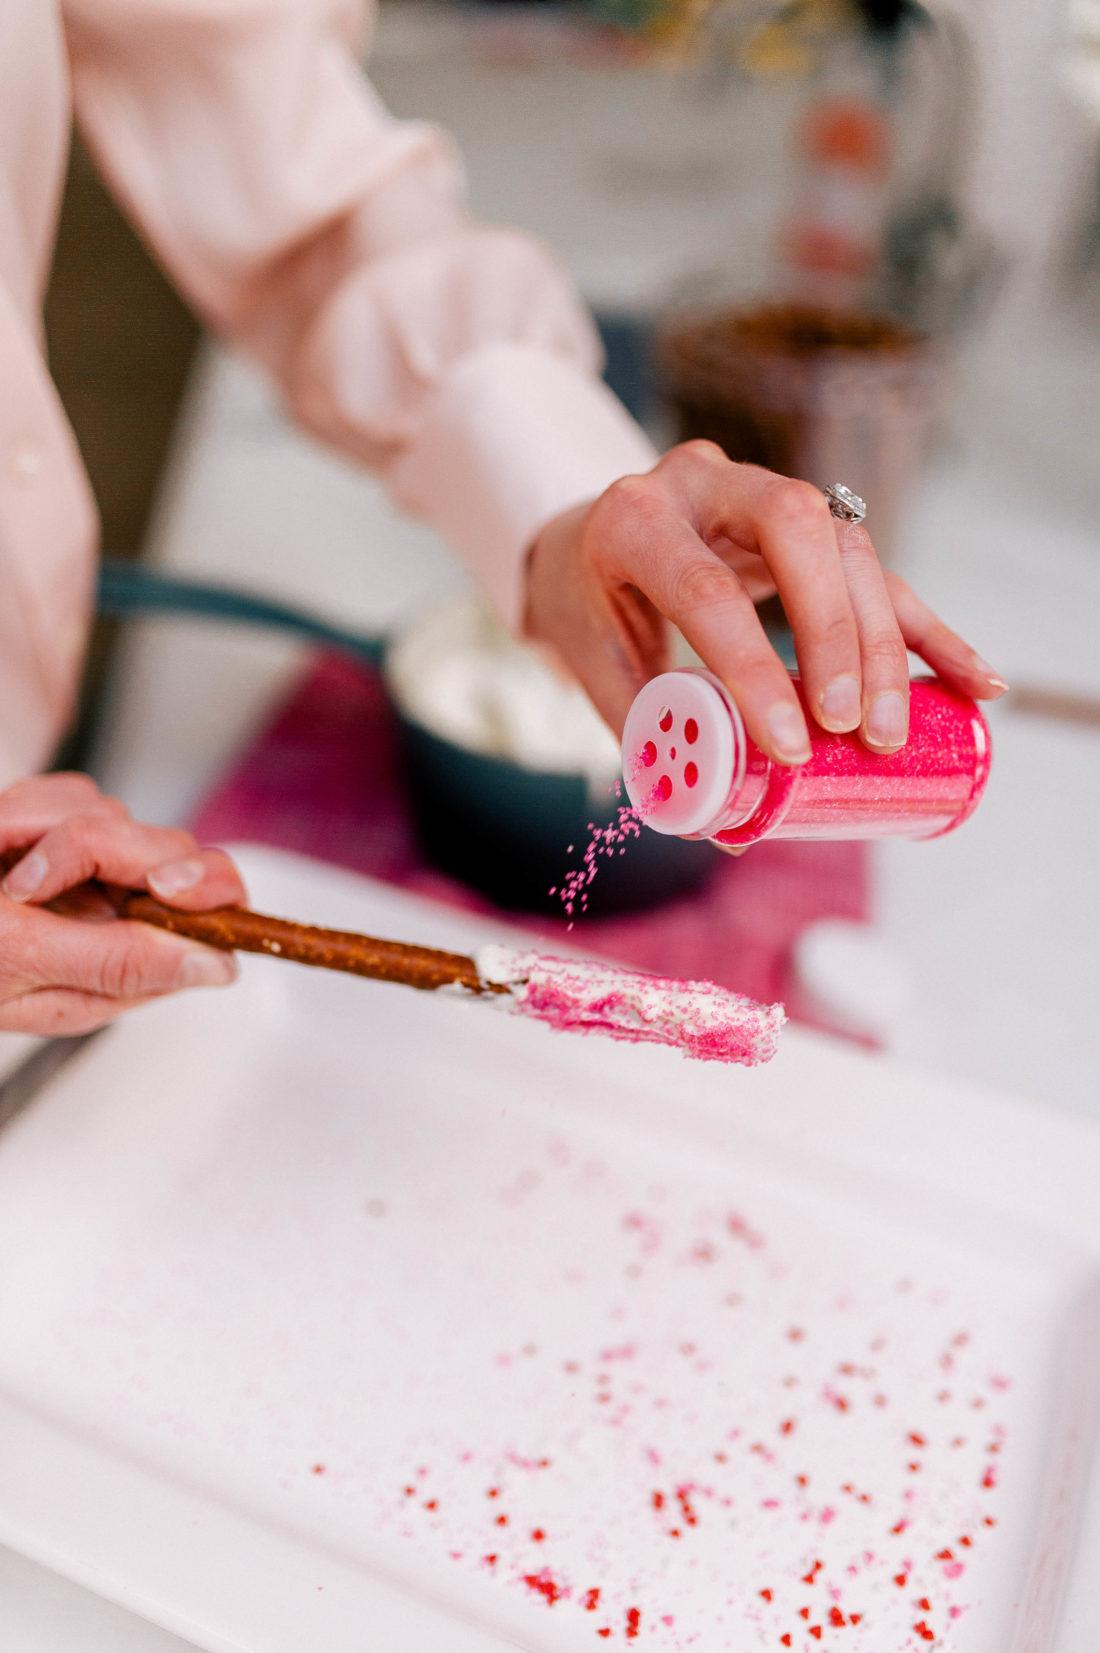 Eva Amurri Martino sprinkles ted sprinkles on a chocolate covered pretzel rod